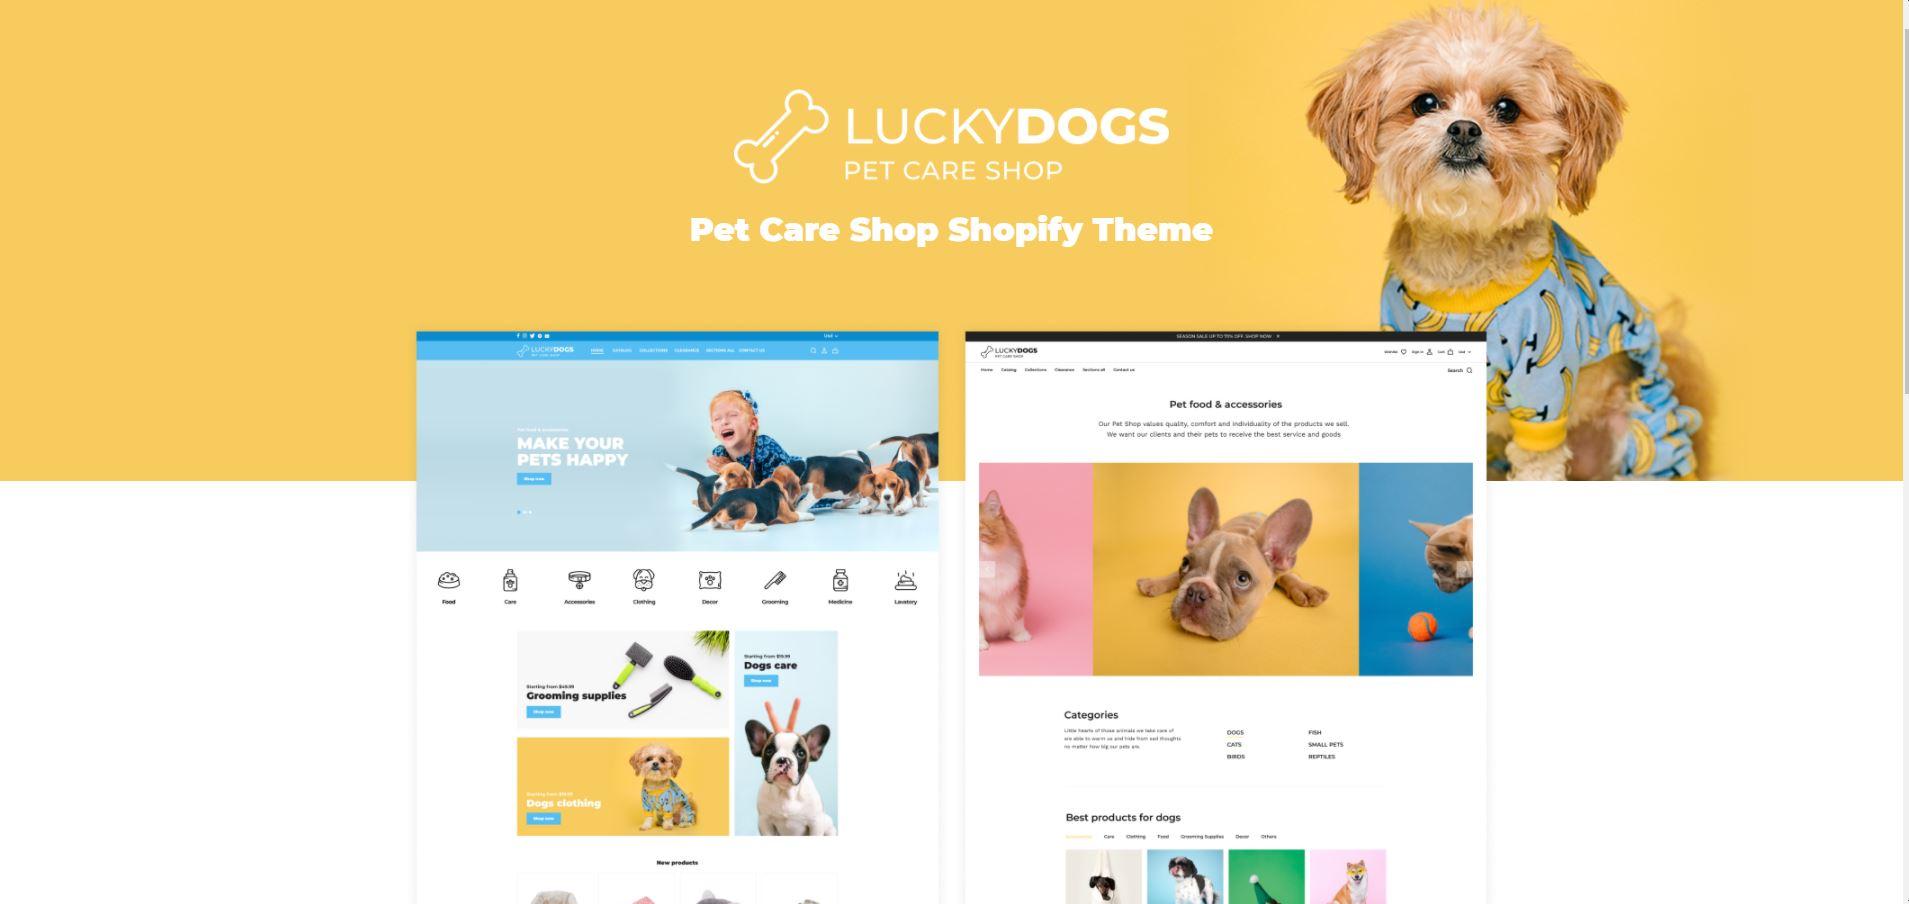 LuckyDogs